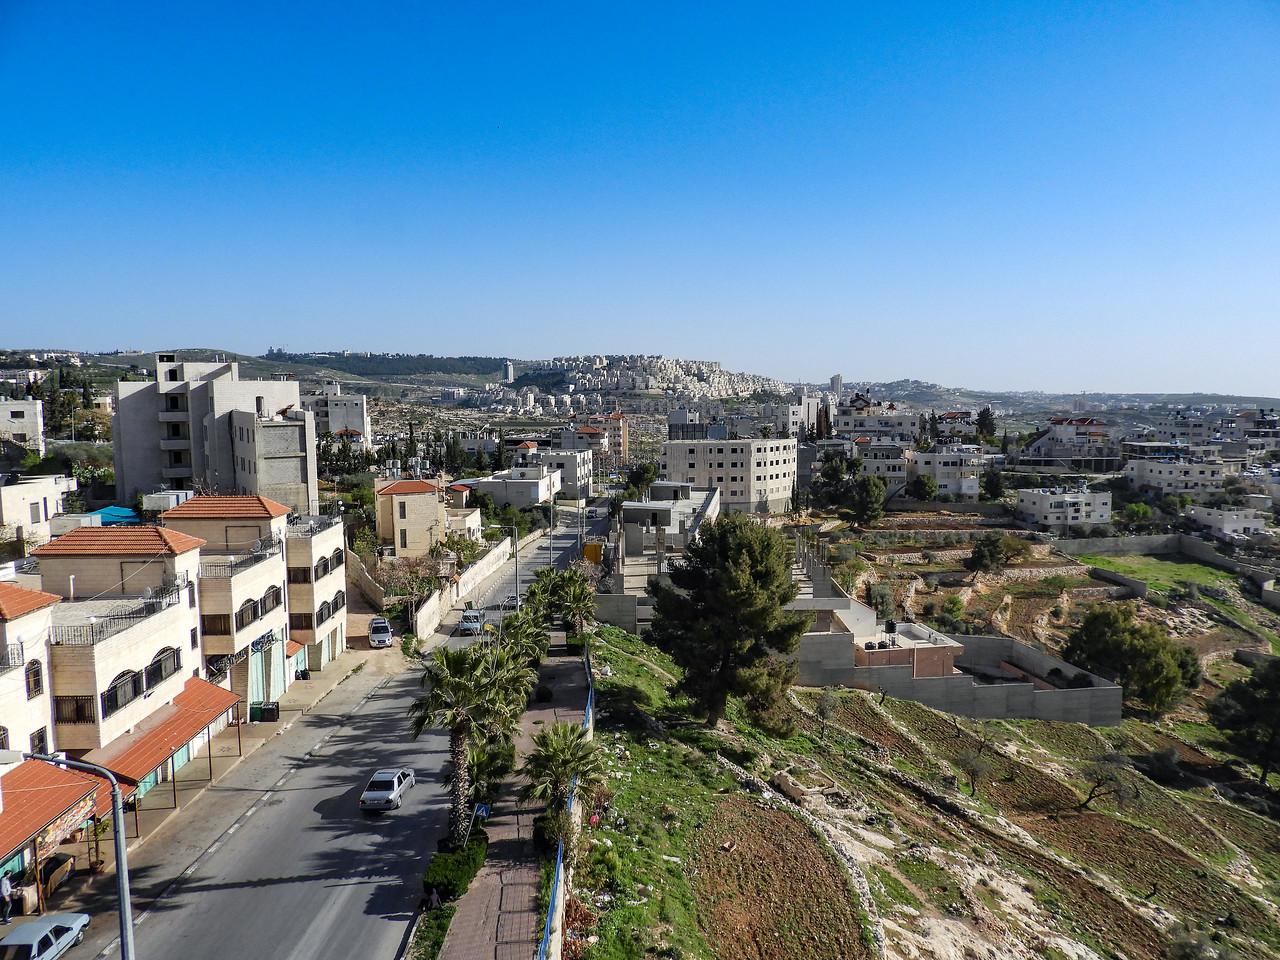 Bethlehem, Palestine, first morning